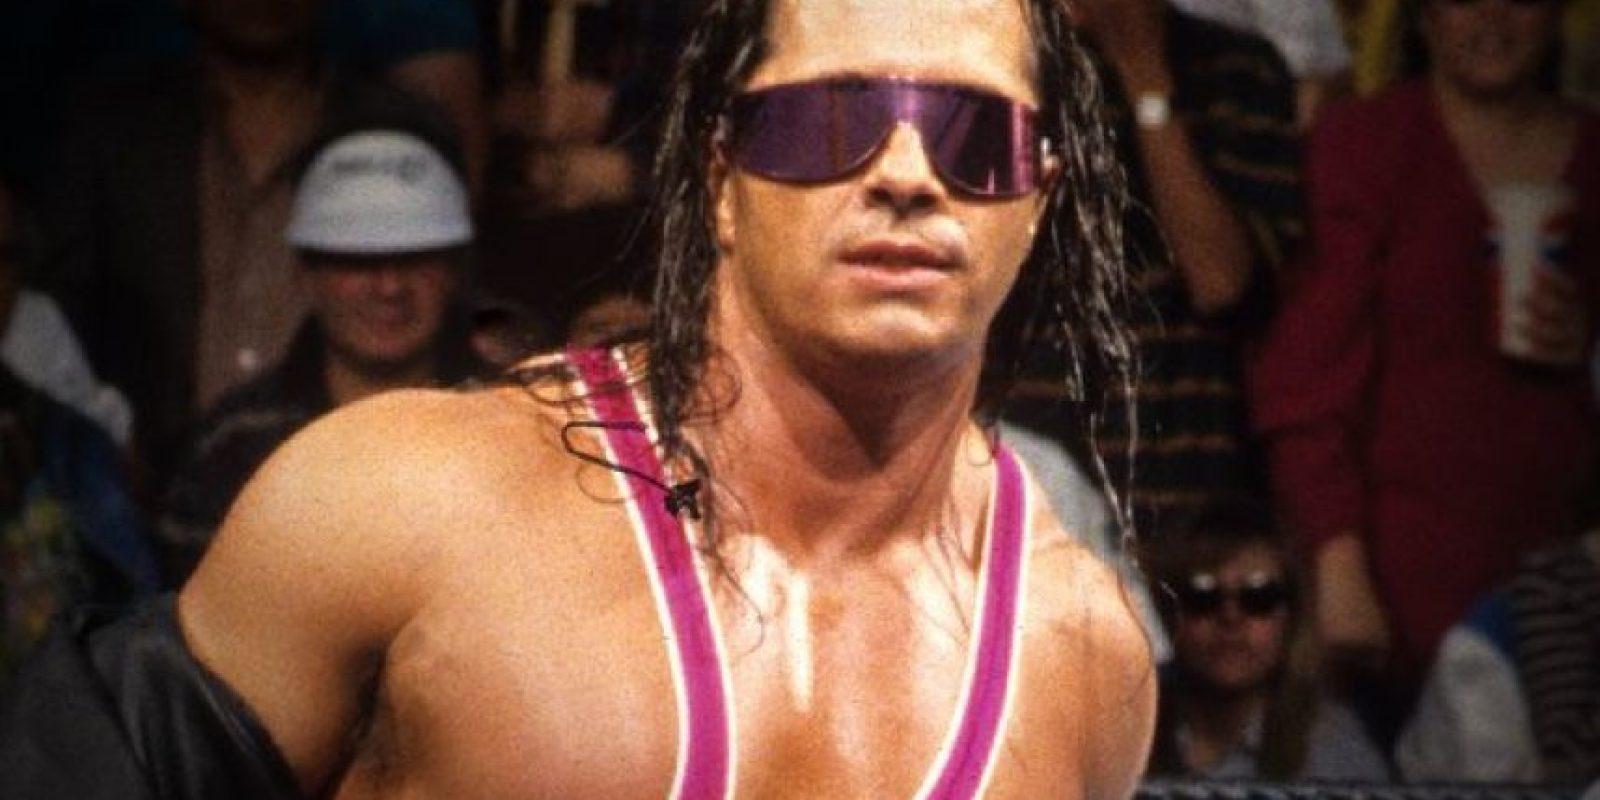 Comenzó en los deportes jugando hockey sobre hielo, pero luego se pasó a la lucha libre. Foto:WWE. Imagen Por: